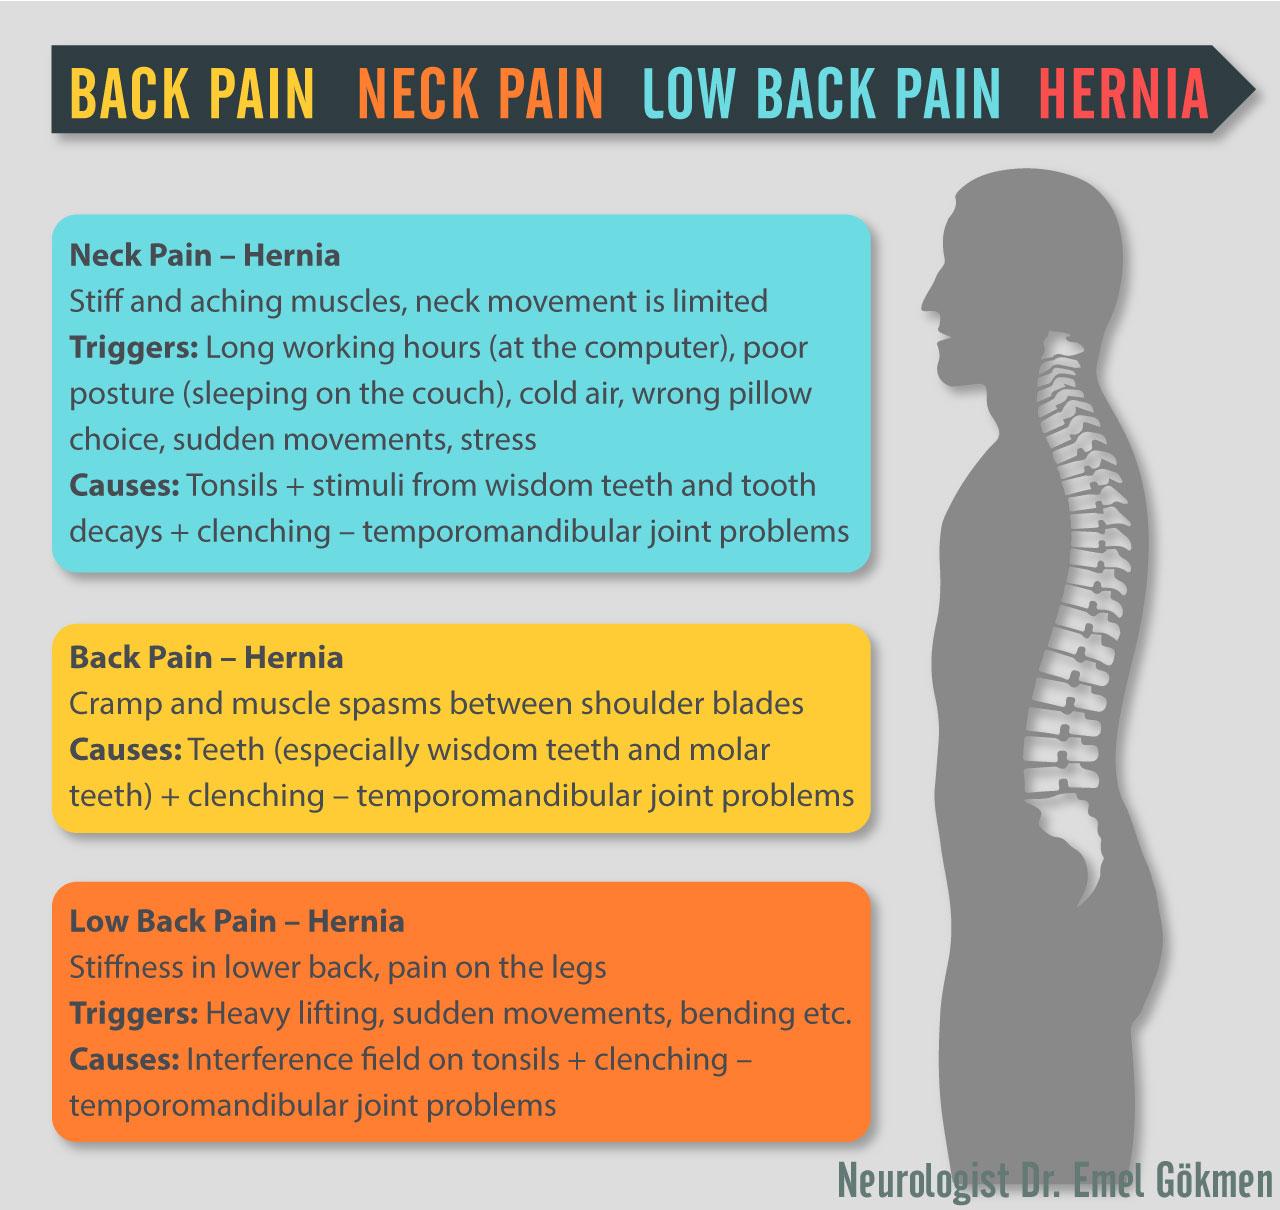 Back pain infographic Dr. Emel Gokmen